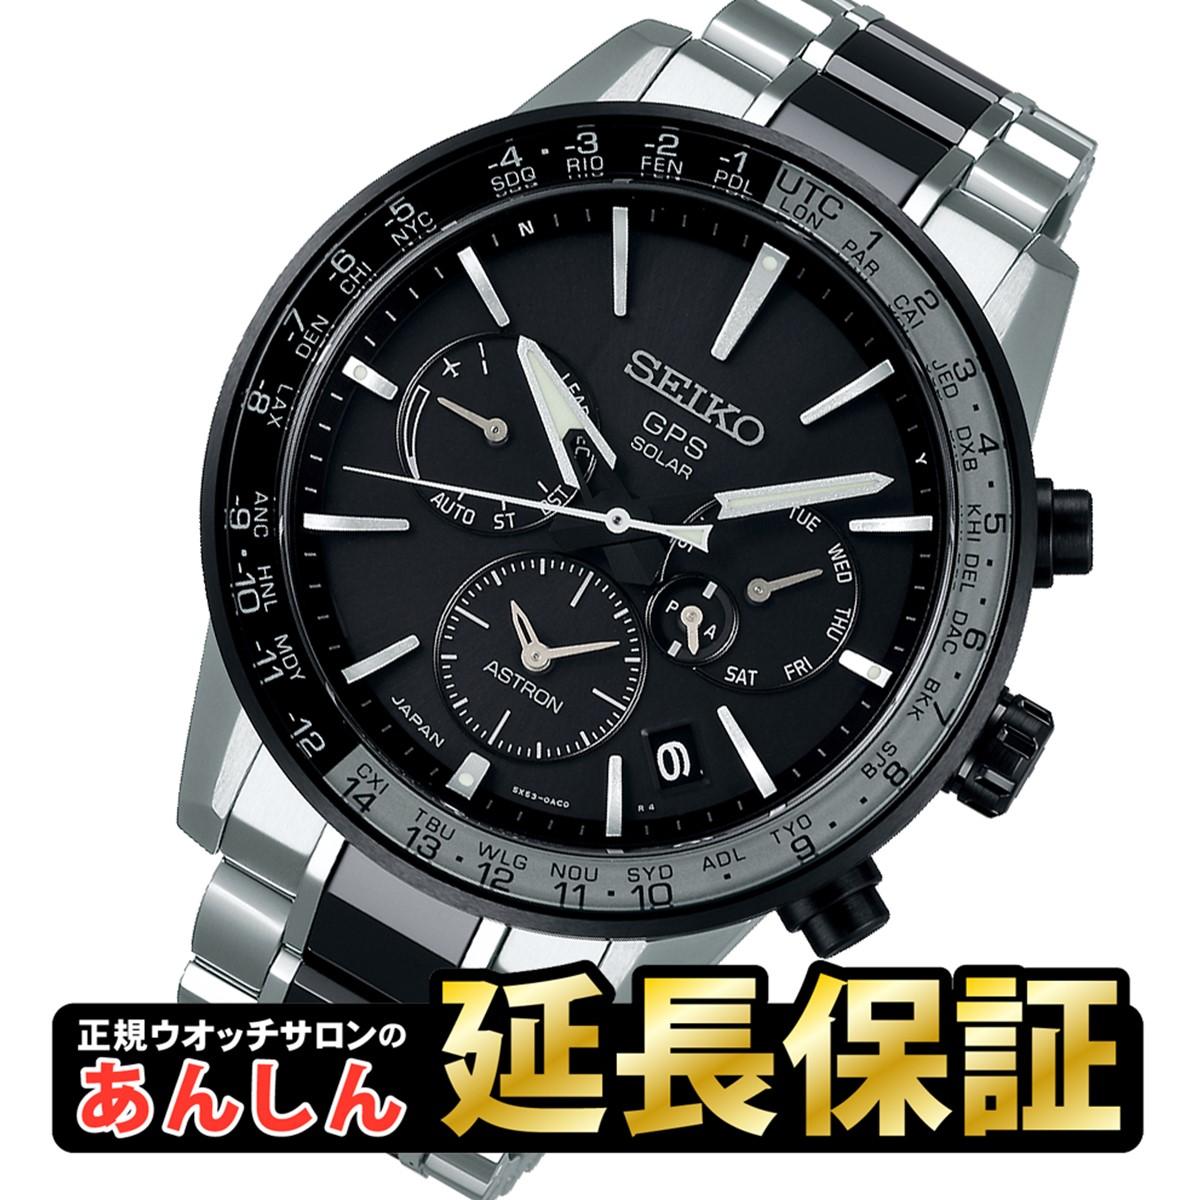 【2,000円OFFマラソンクーポン!9日20時から】SEIKO ASTRON セイコー アストロン コアショップ限定 SBXC011 GPSソーラー 5Xシリーズ メンズ 腕時計 【0219】_10spl